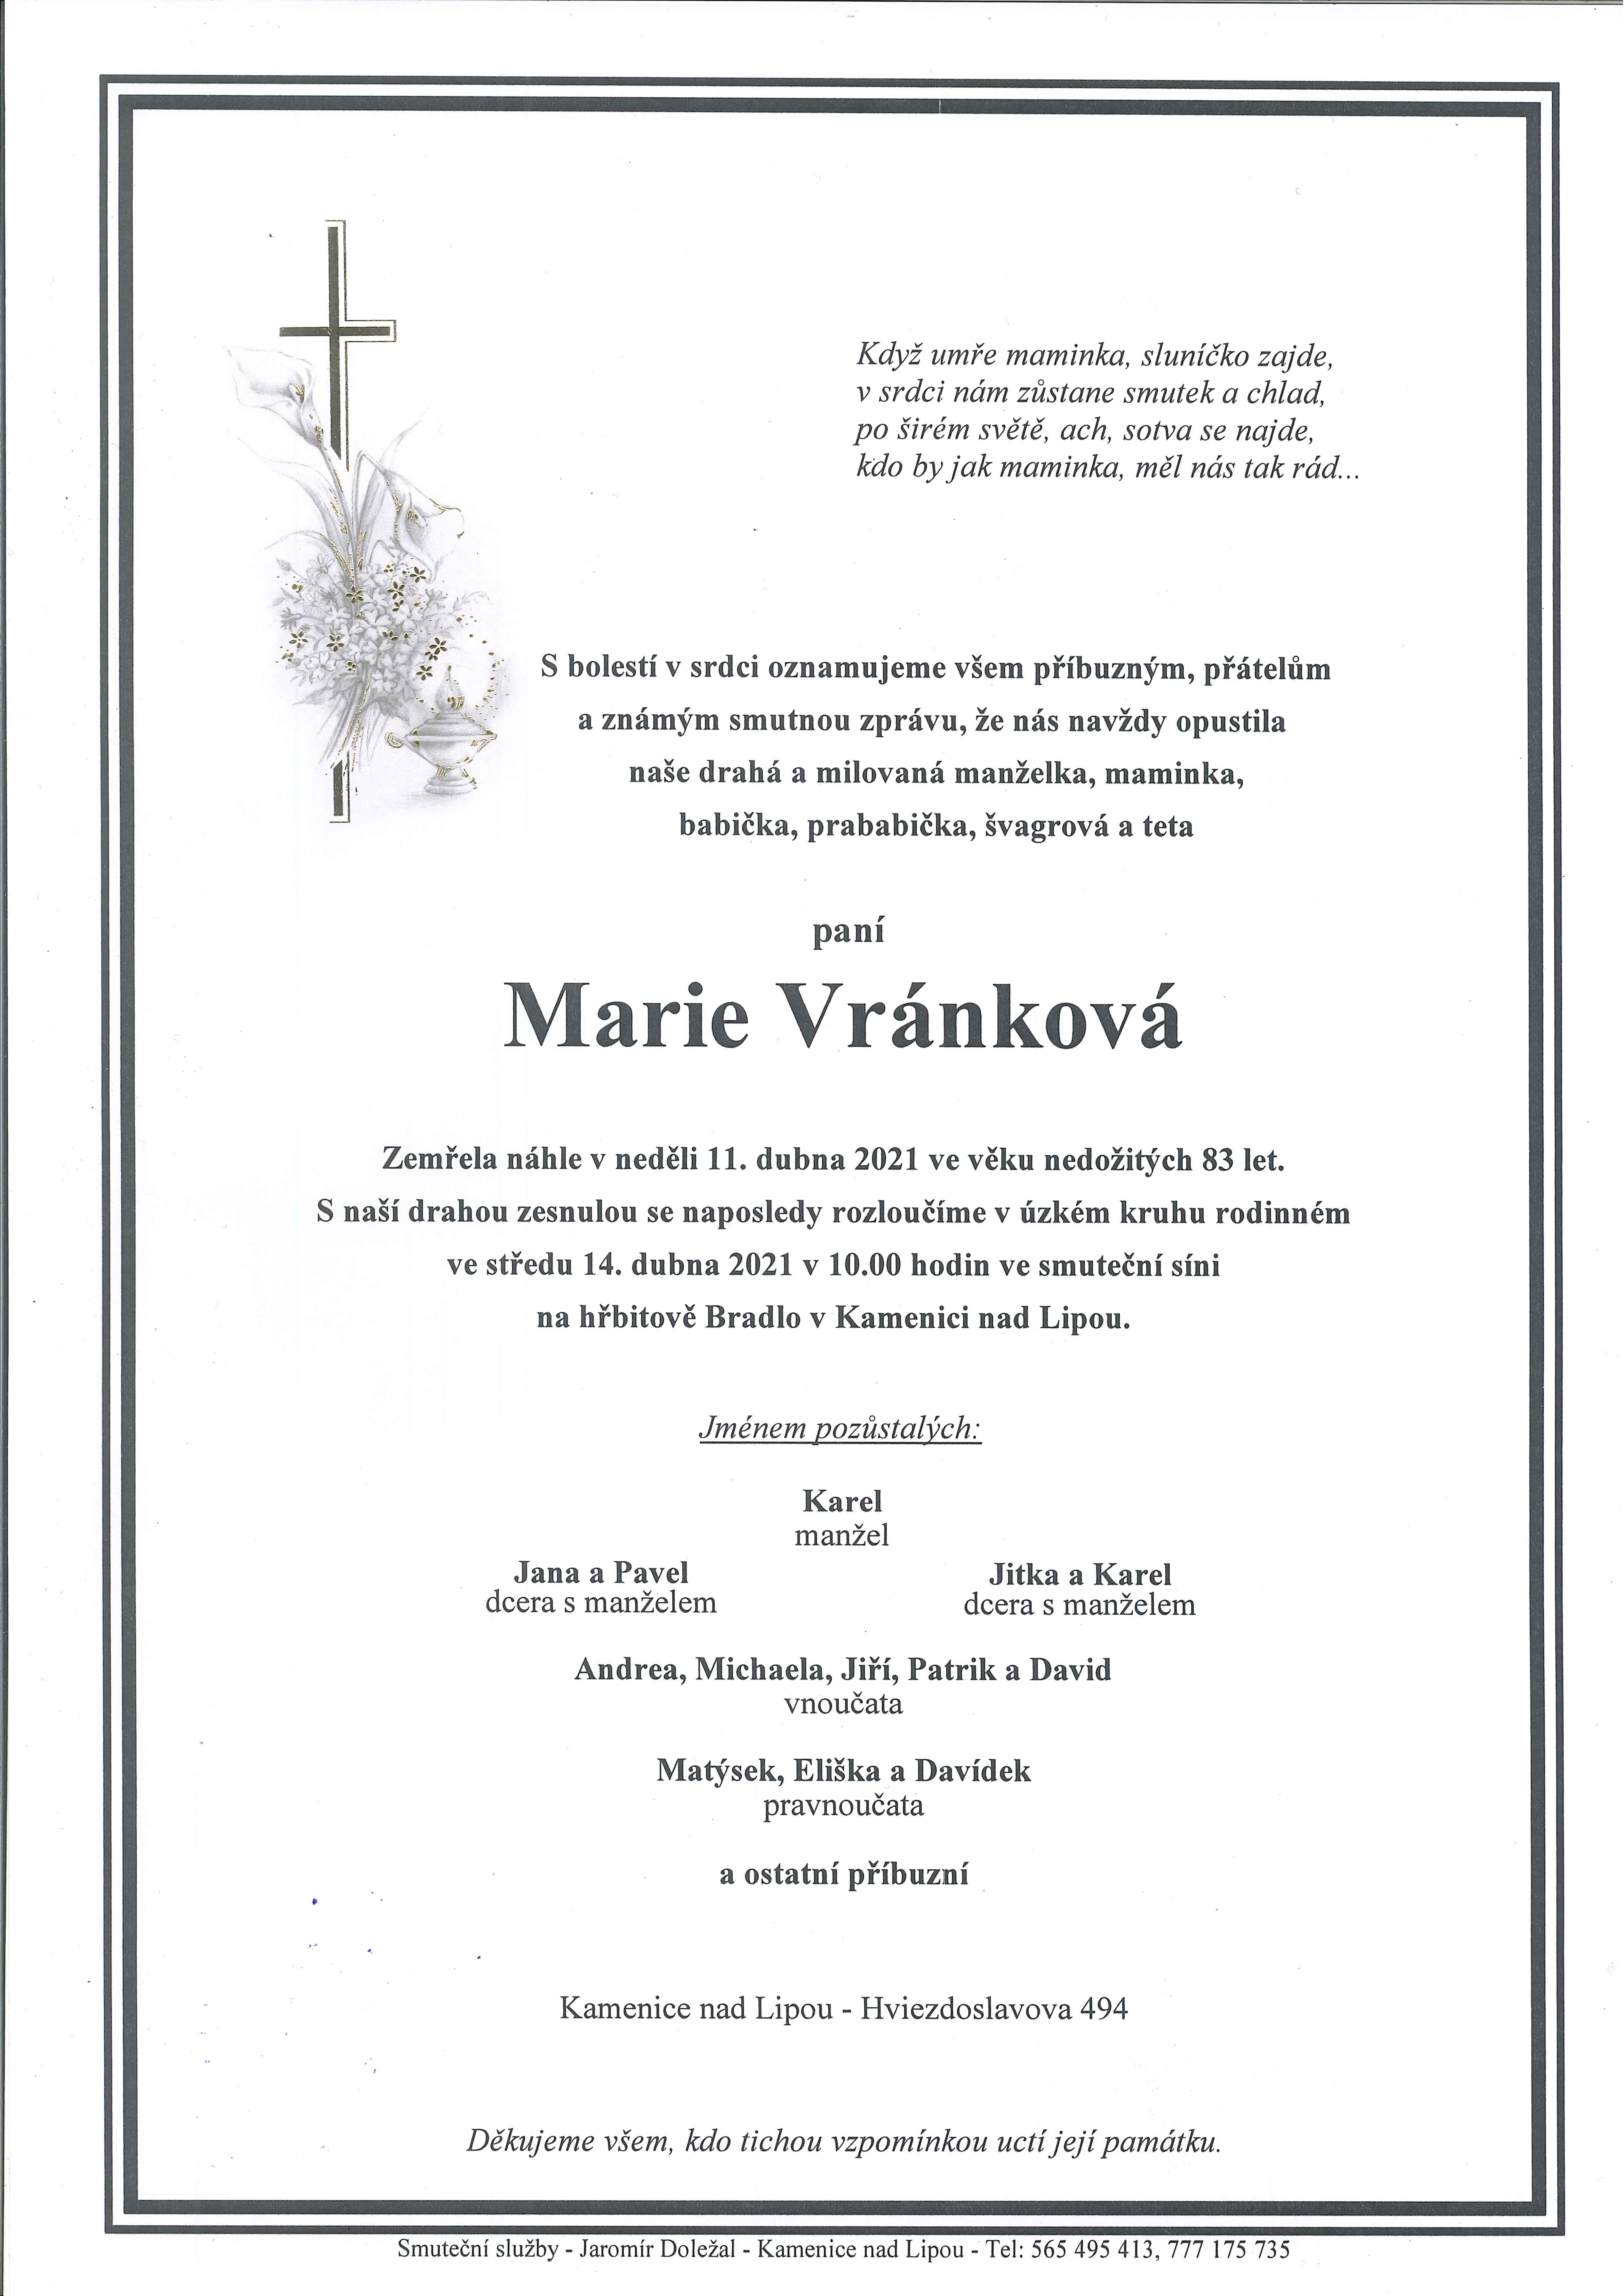 Marie Vránková